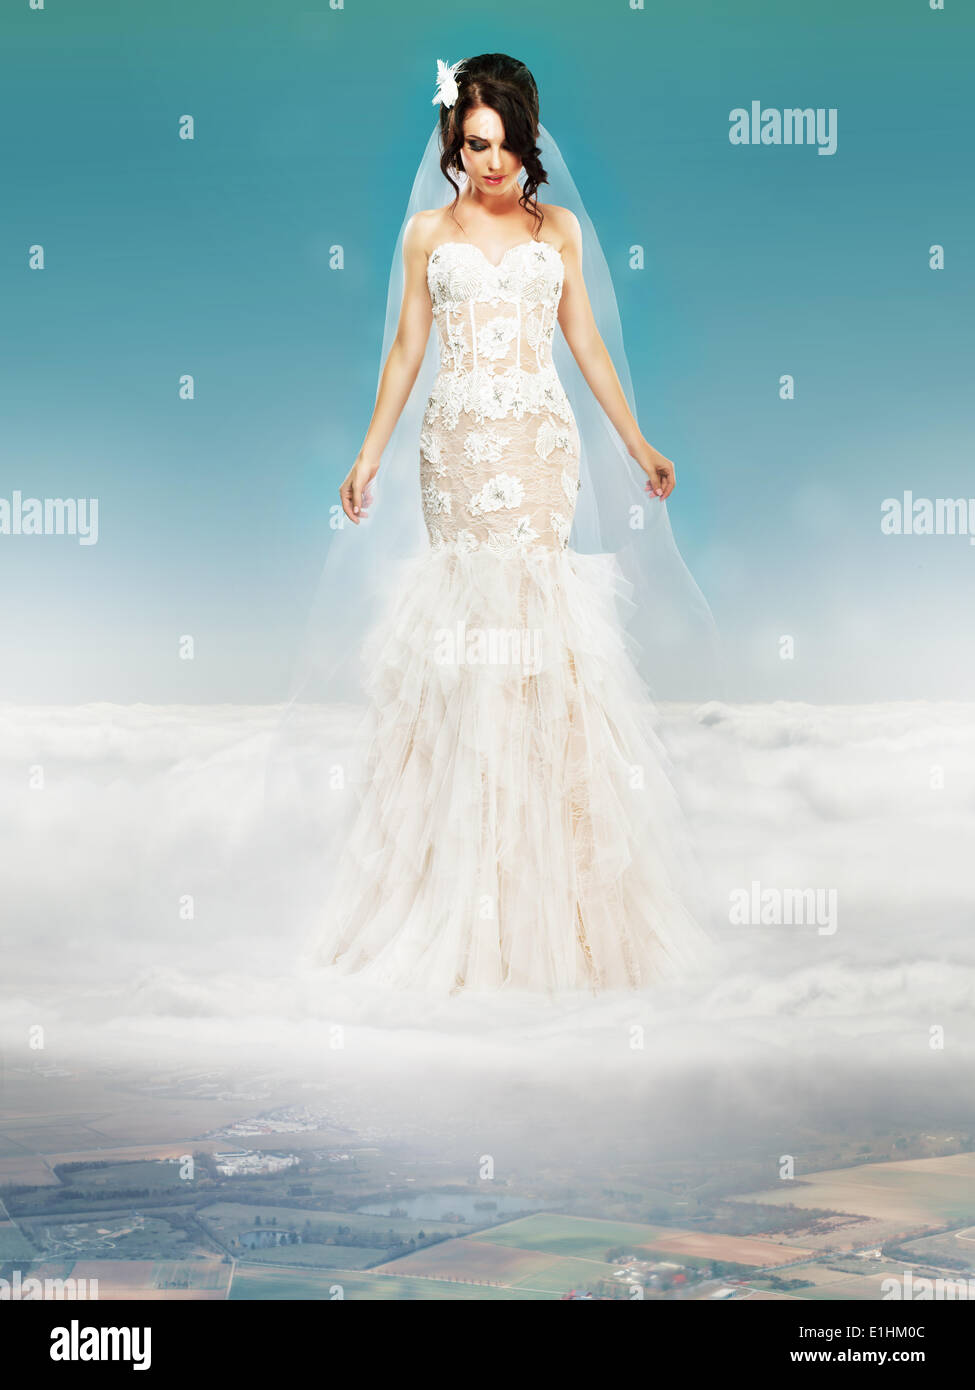 Sposa matrimonio abito bianco in piedi su una nuvola e guardando a terra Immagini Stock